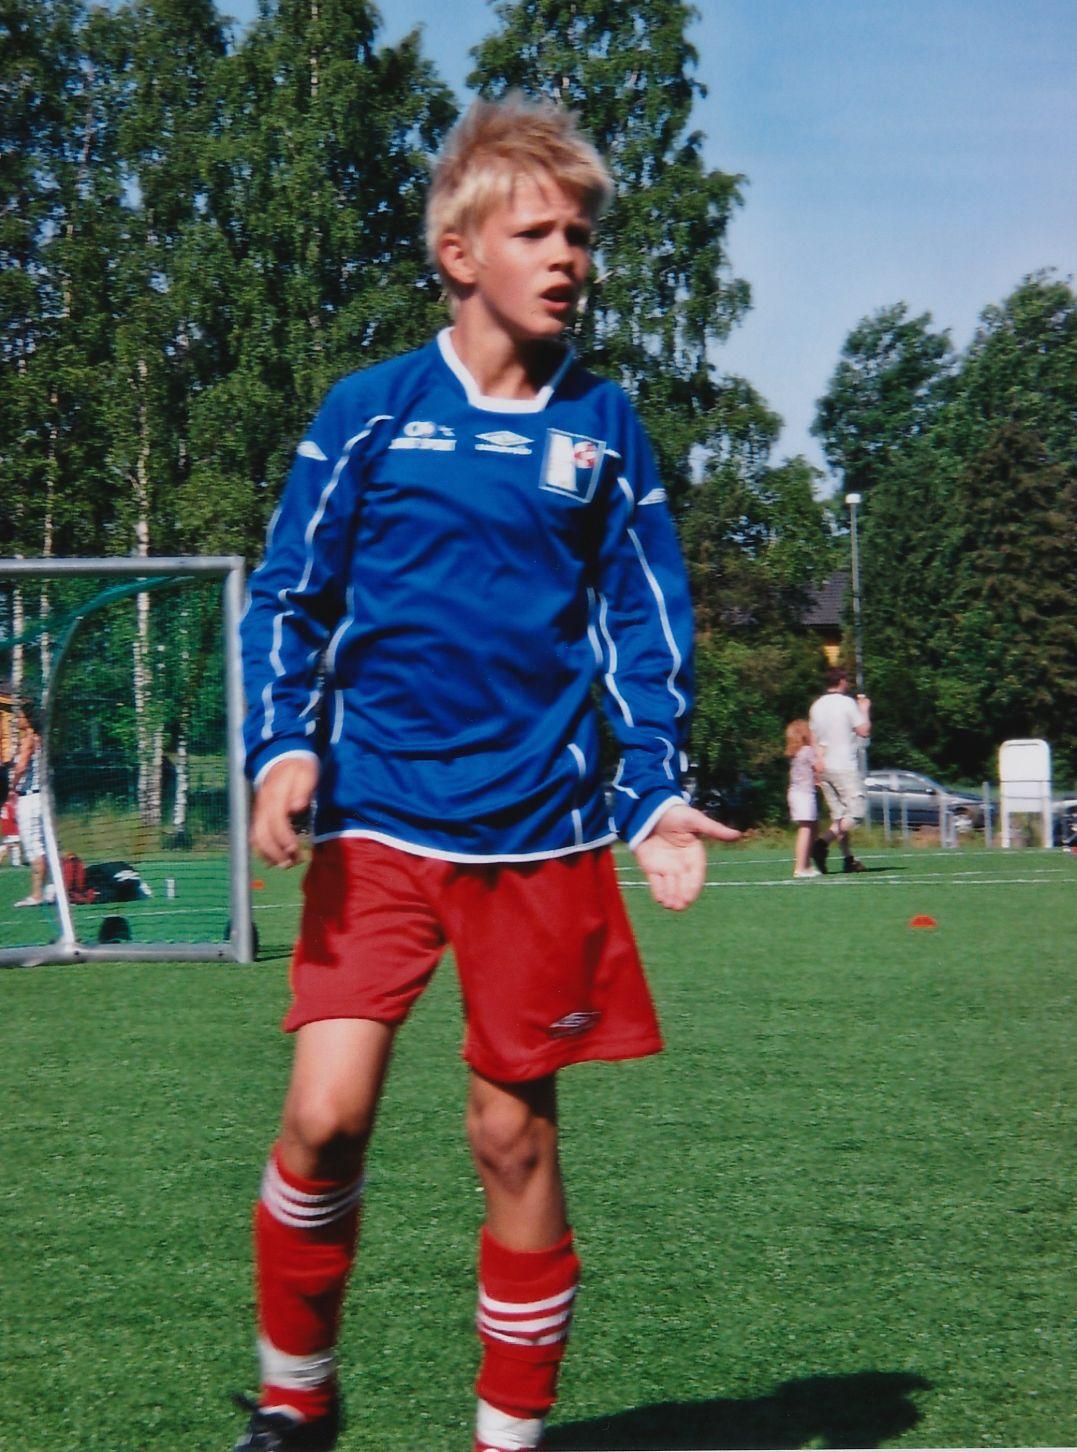 TIDLIG KRØKES: En 9–10 år gammel Kristoffer Vassbakk Ajer på fotballbanen.